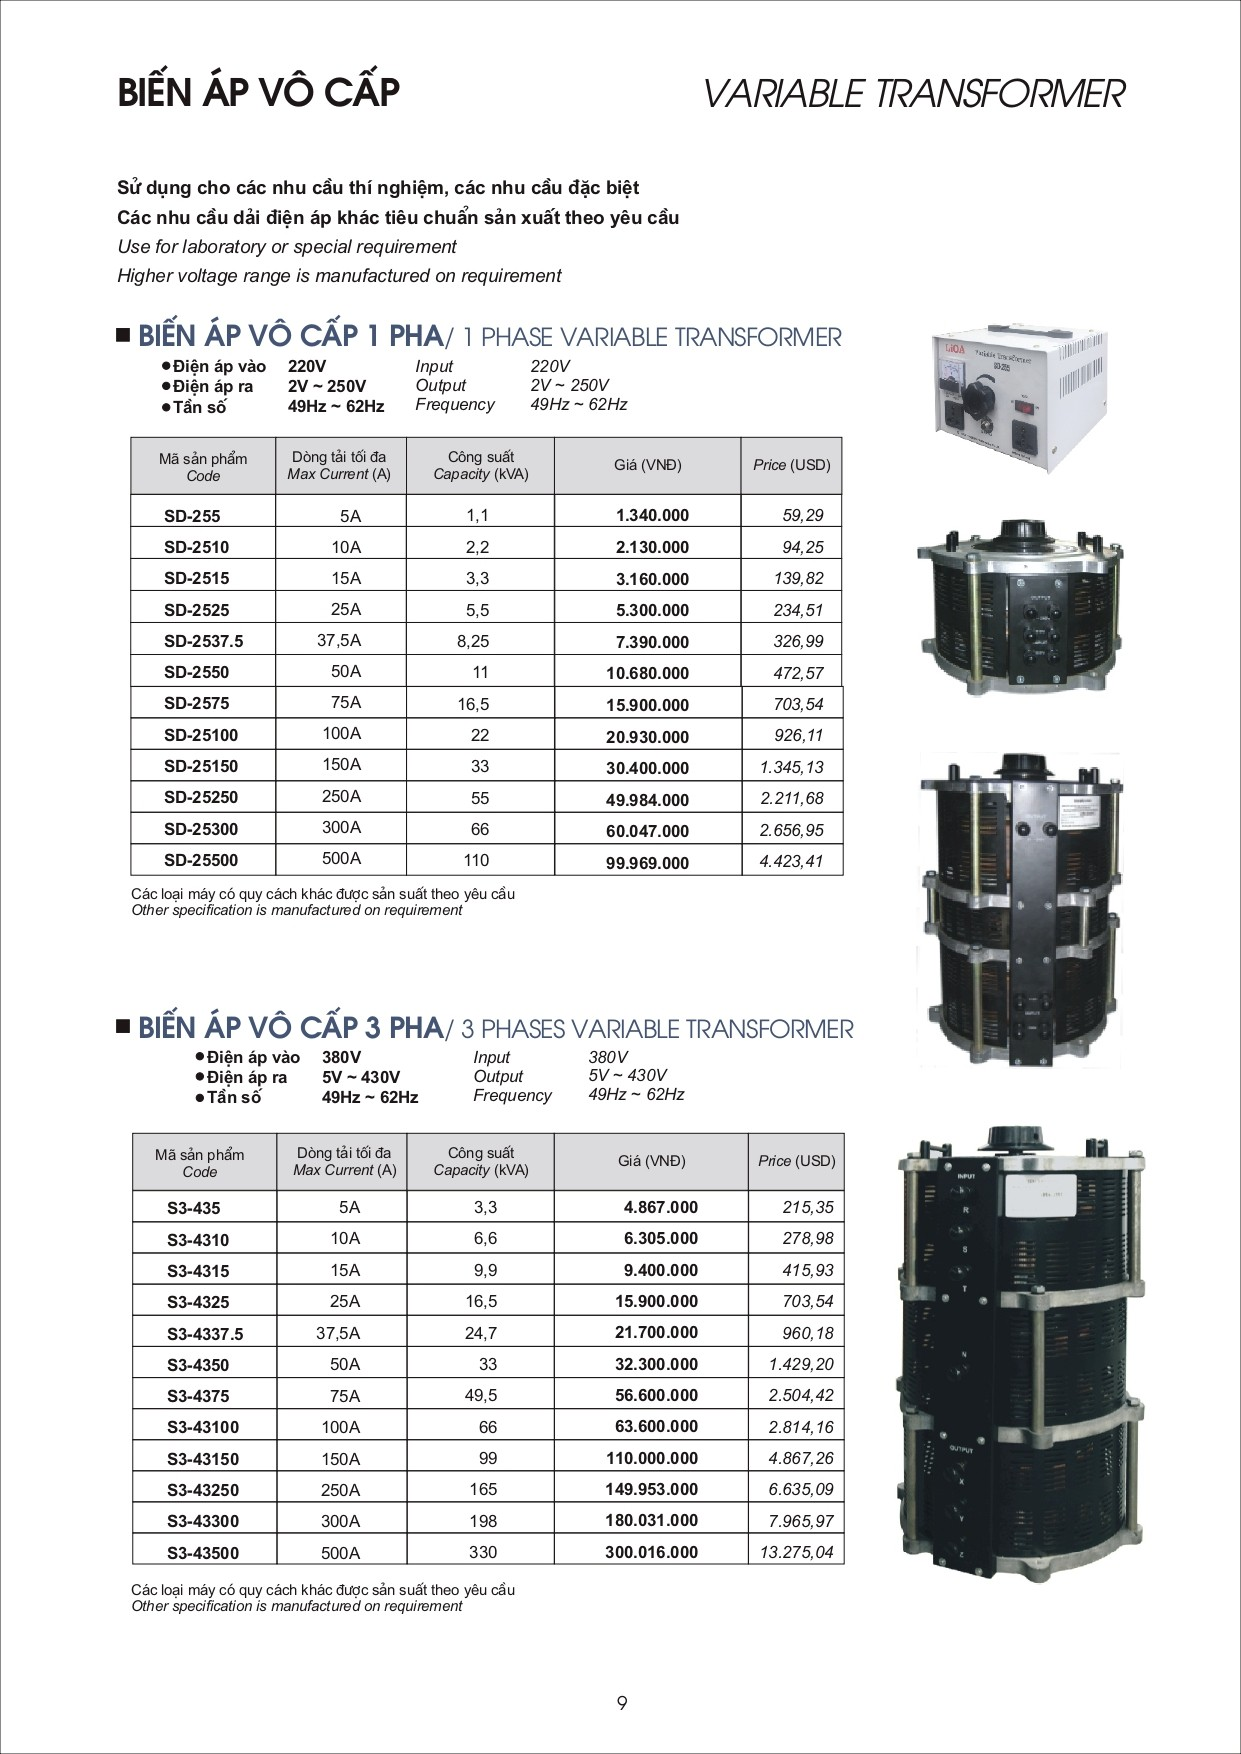 Bang gia LiOA page 0009